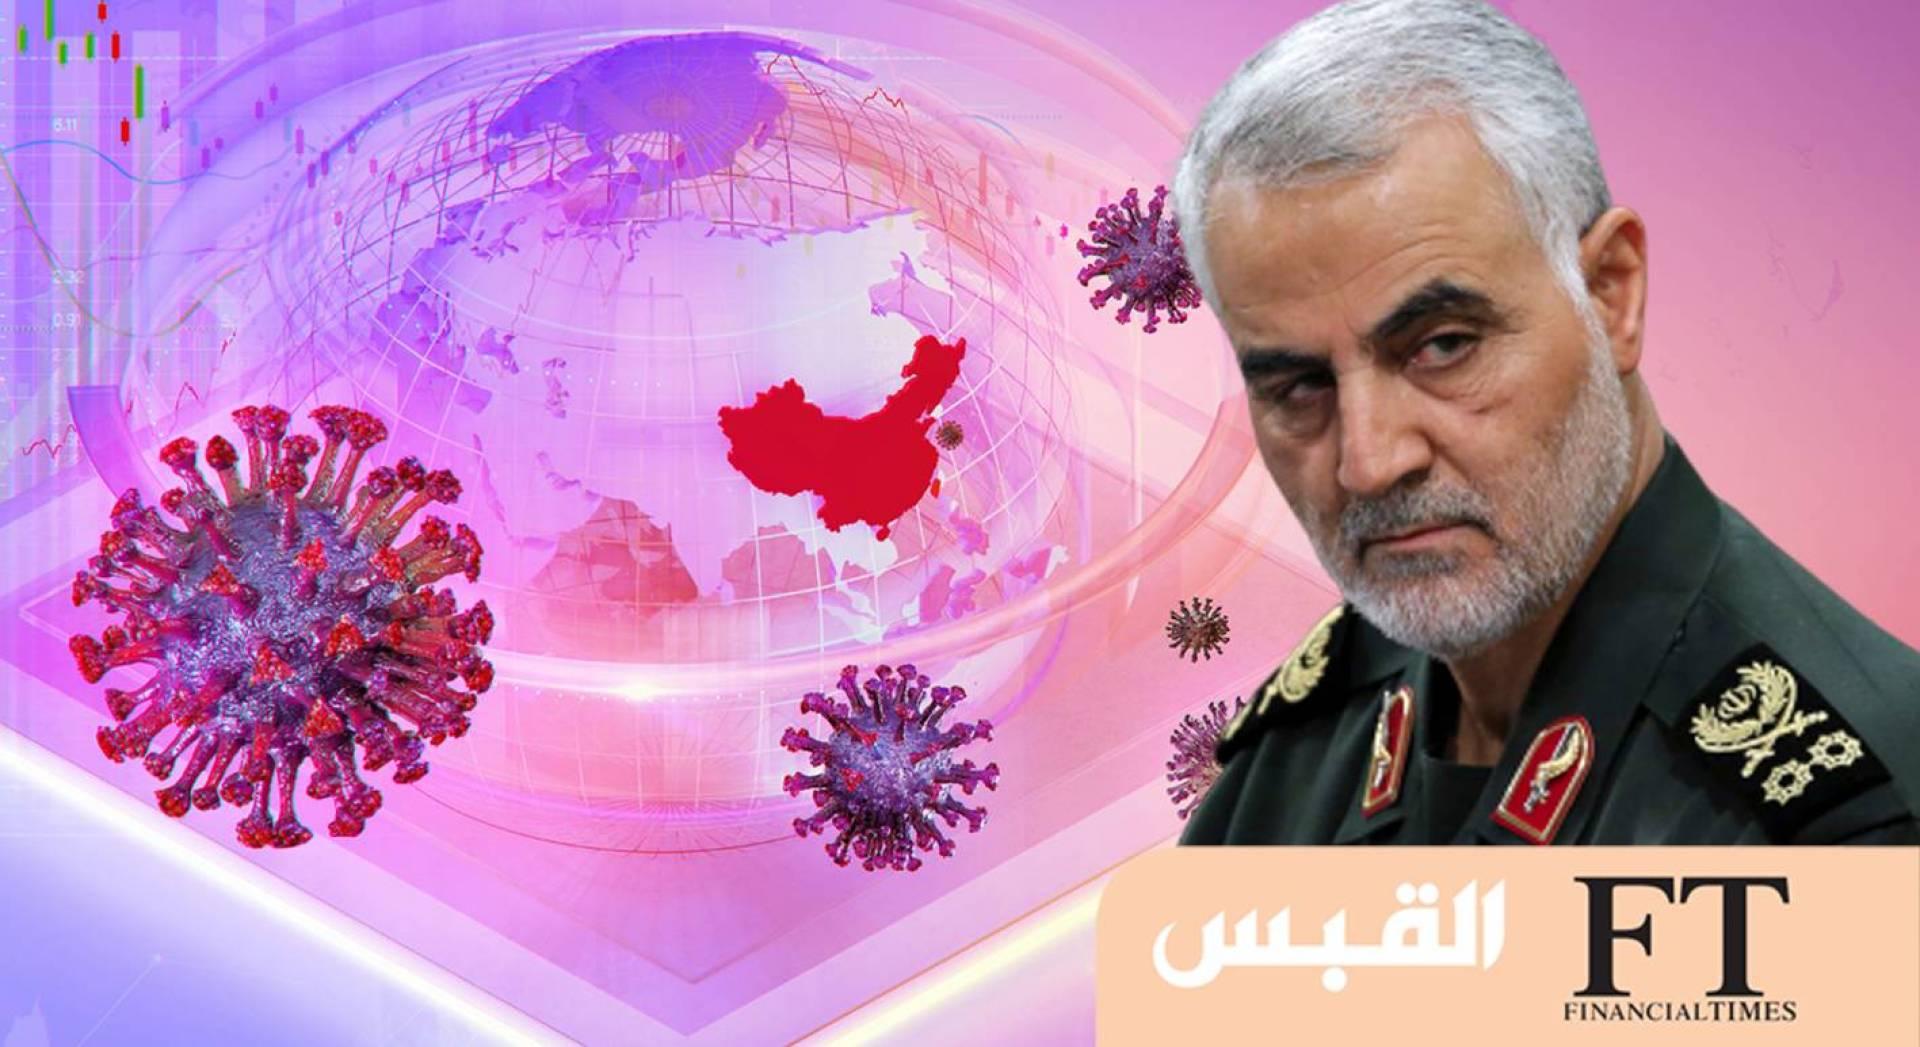 كيف يلتقي فيروس كورونا.. مع اغتيال الجنرال الإيراني قاسم سليماني؟